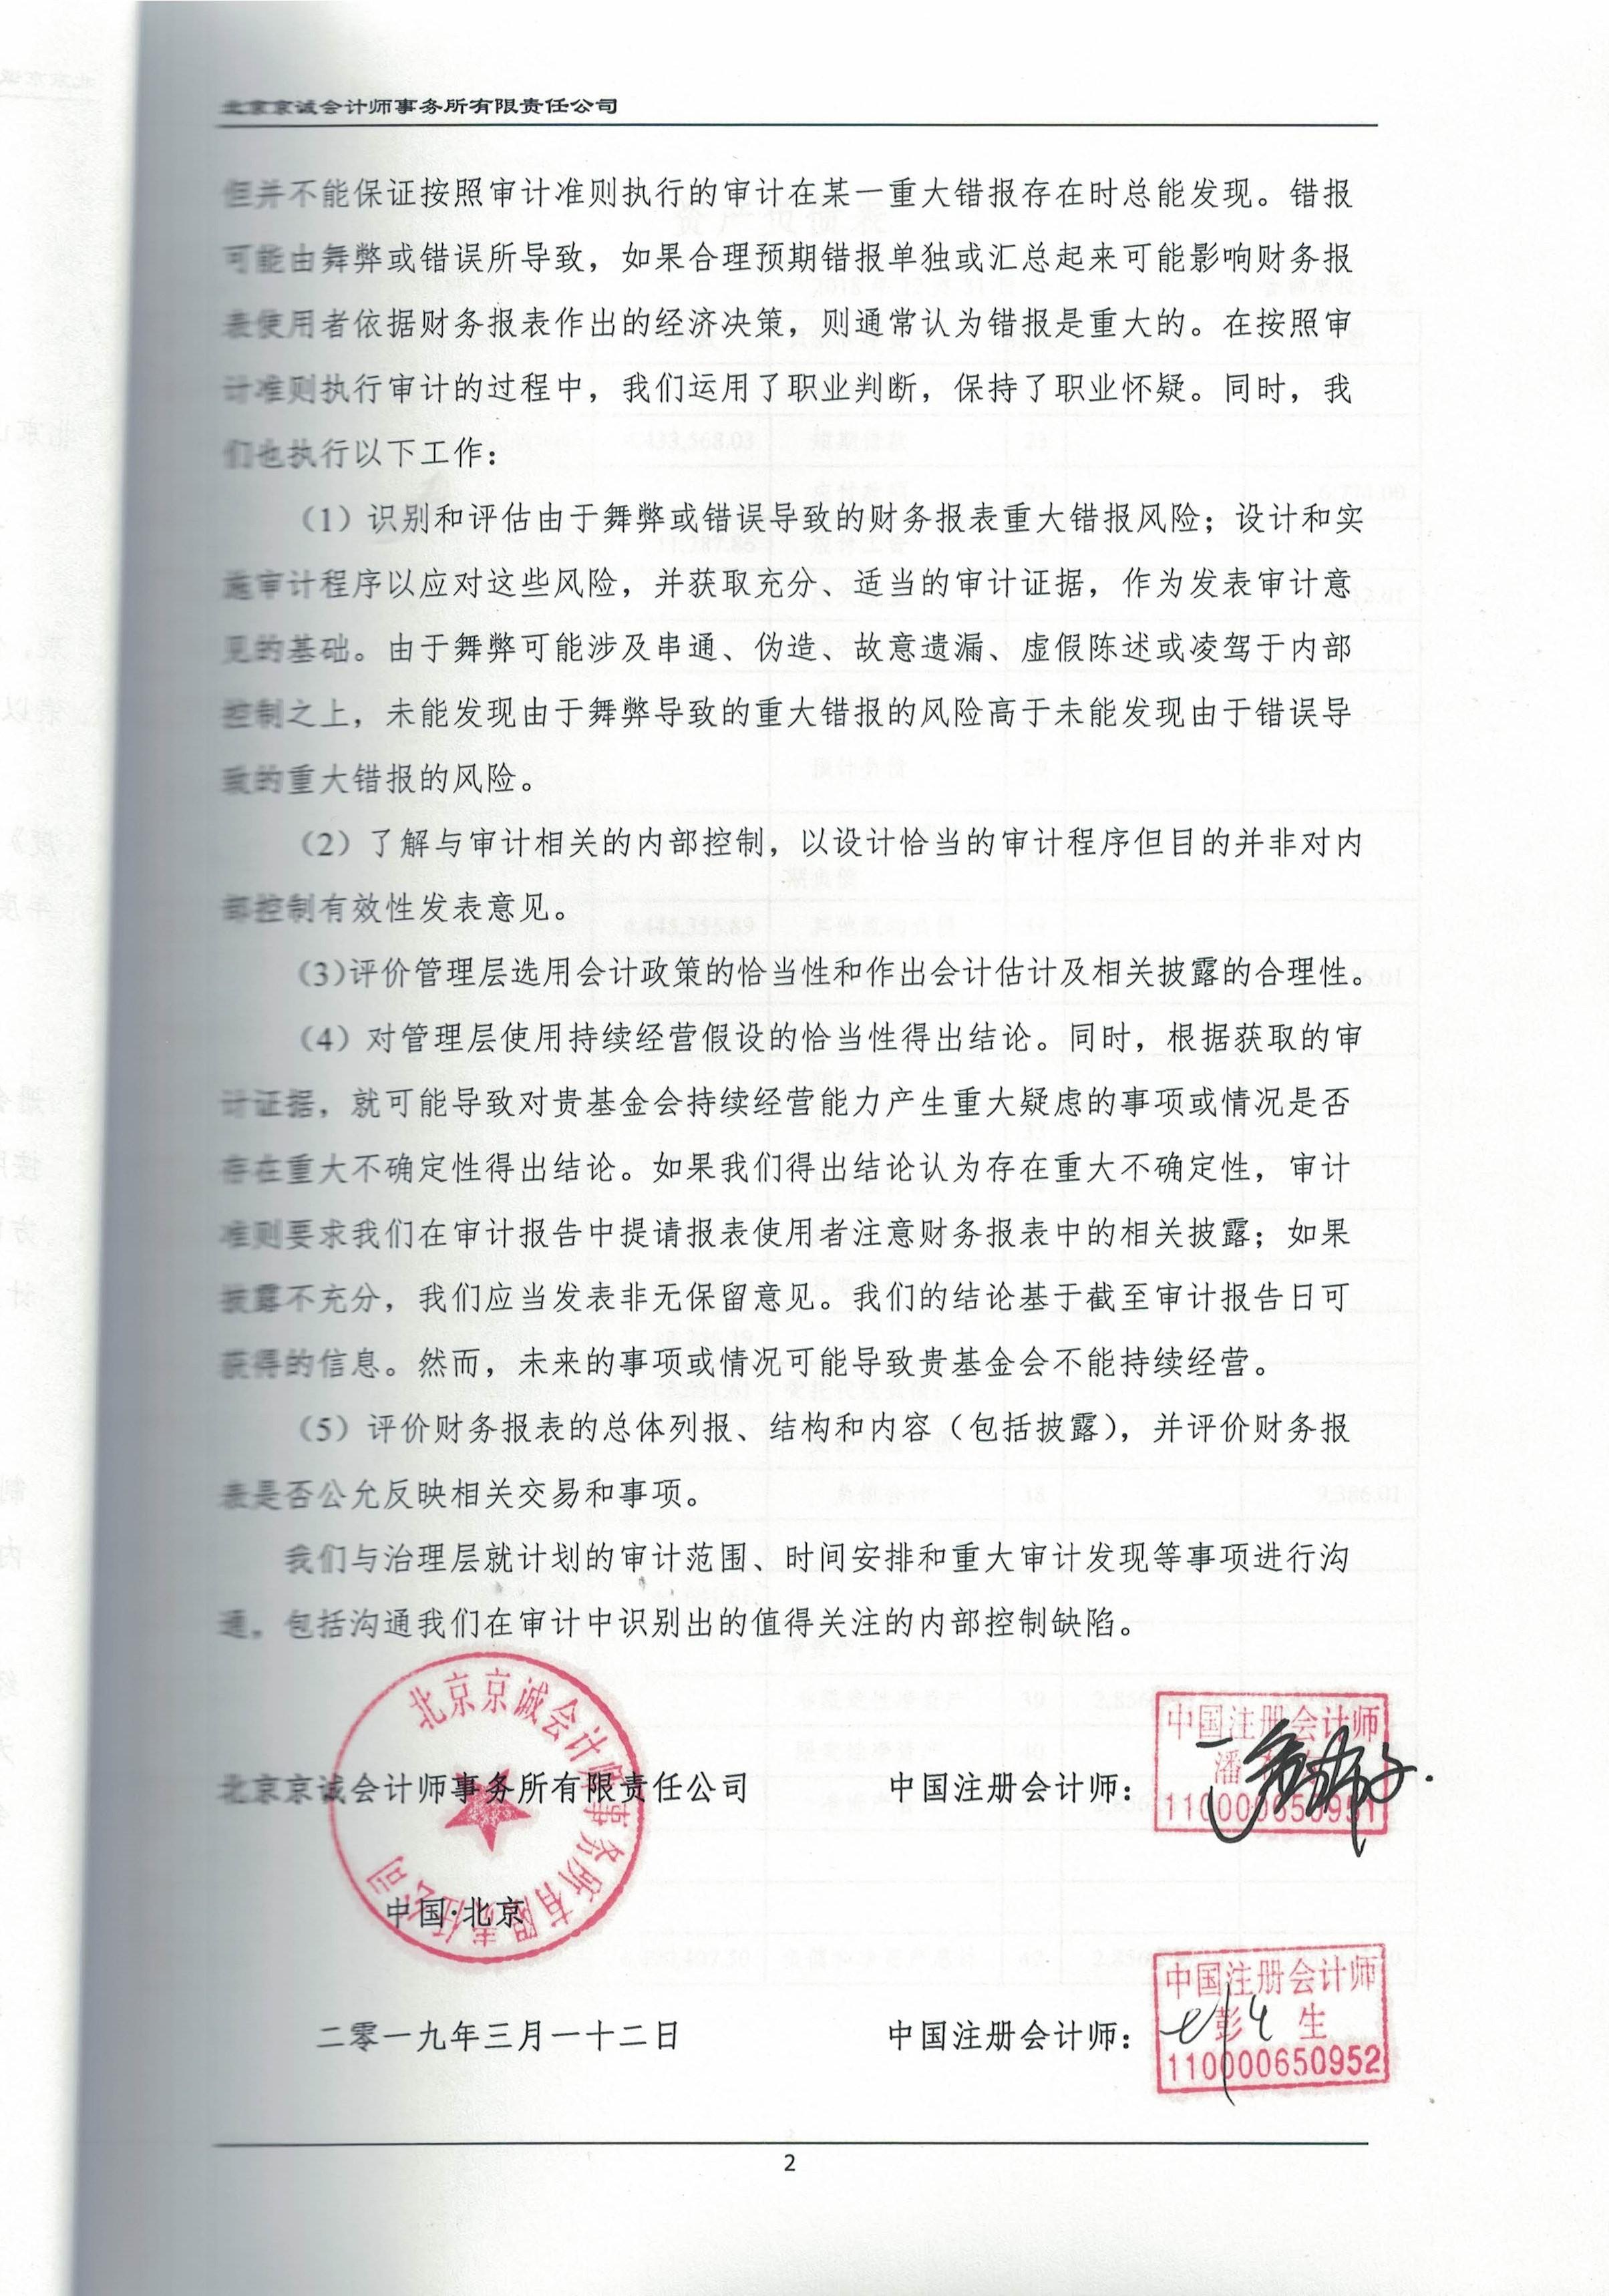 2018审计报告_页面_04